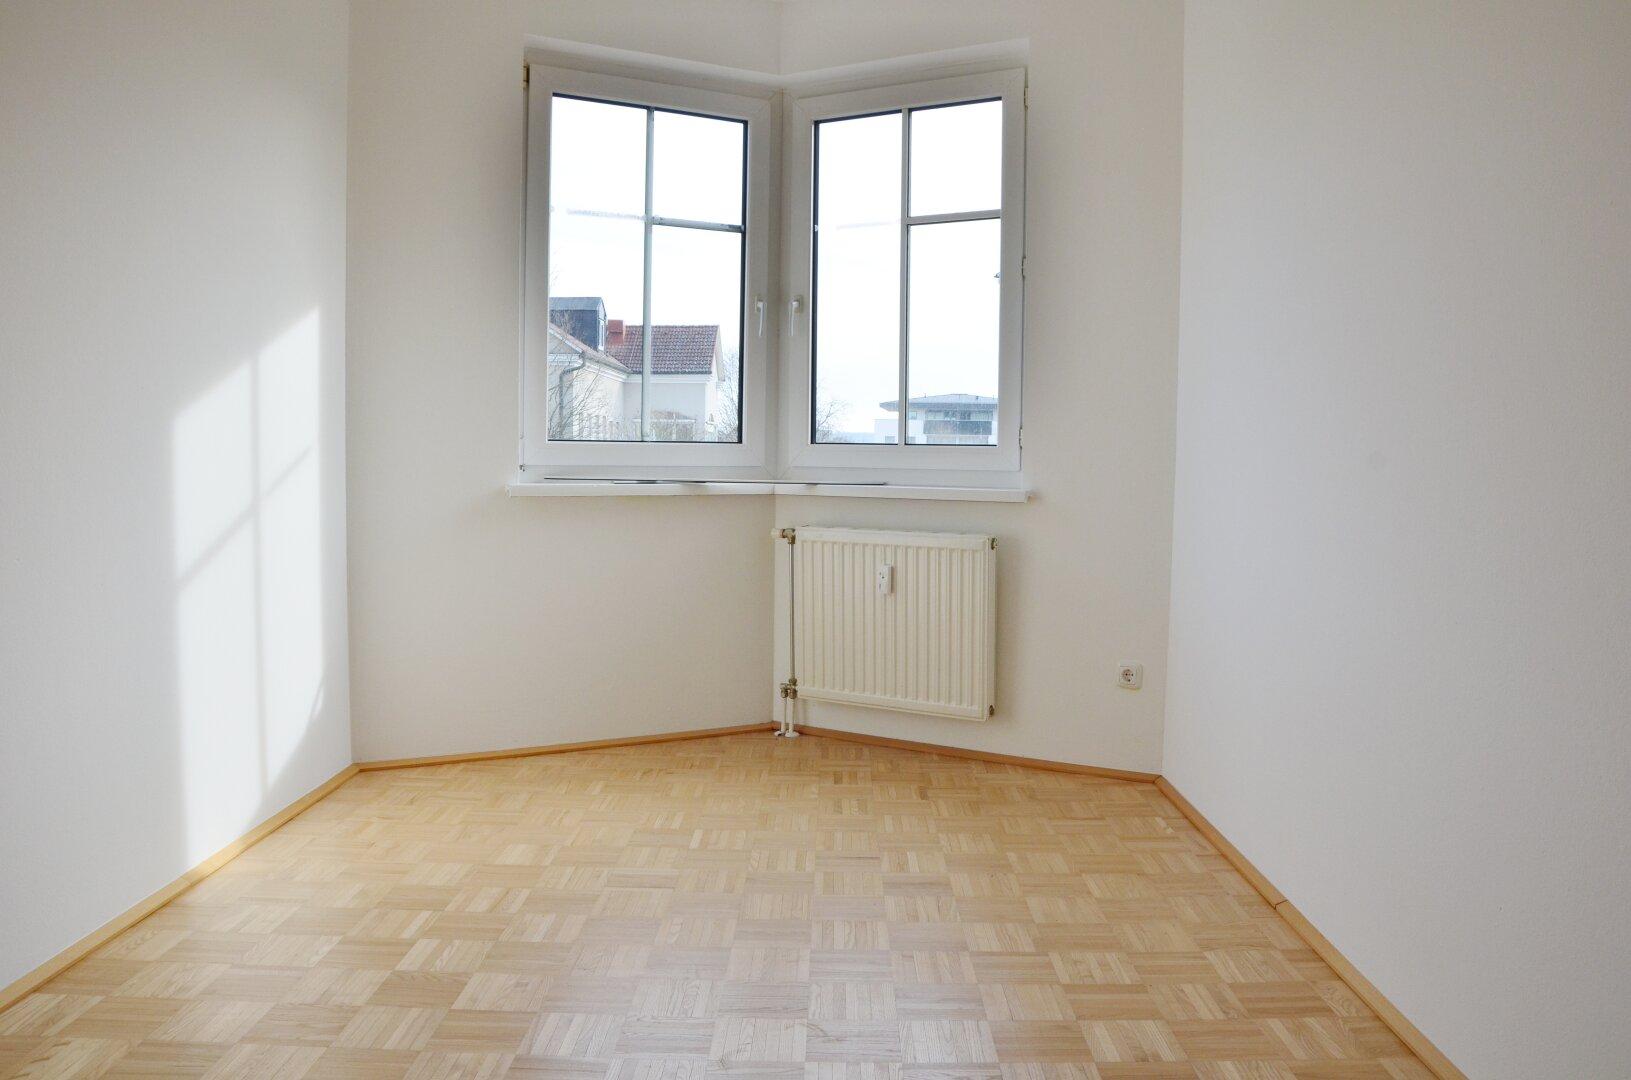 Referenzbild Schlafzimmer